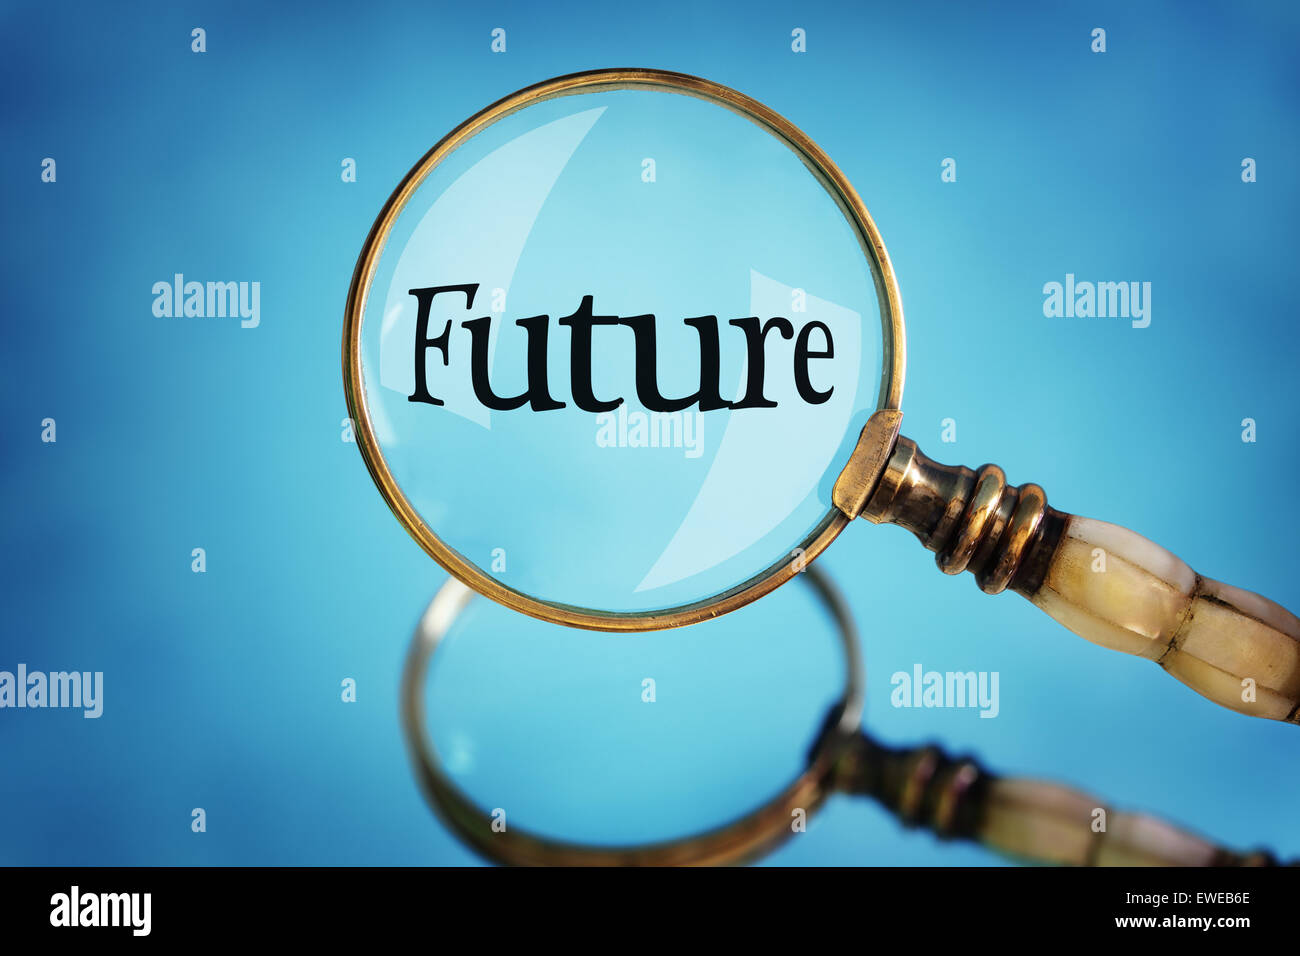 Lente di ingrandimento concentrarsi sulla parola future concept per la pianificazione, la visione e guardare avanti Immagini Stock